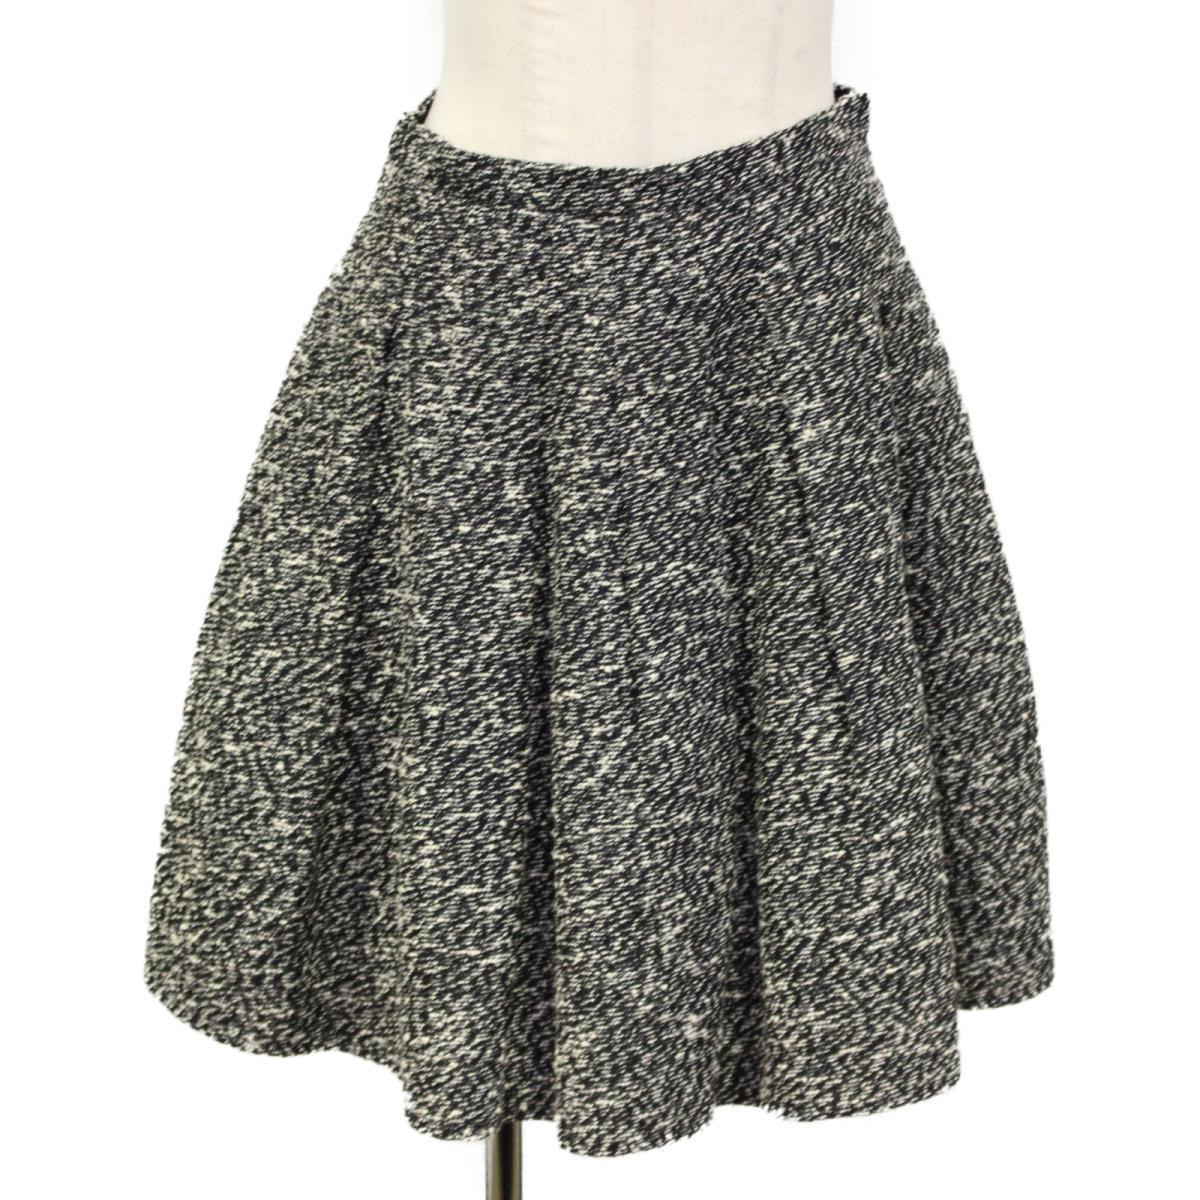 【中古】クリスチャン・ディオール ツイード フレア スカート レディース コットン ナイロン ブラック x ホワイト (3C21338M1311) | Dior BRANDOFF ブランドオフ 衣料品 衣類 ブランド ボトムス